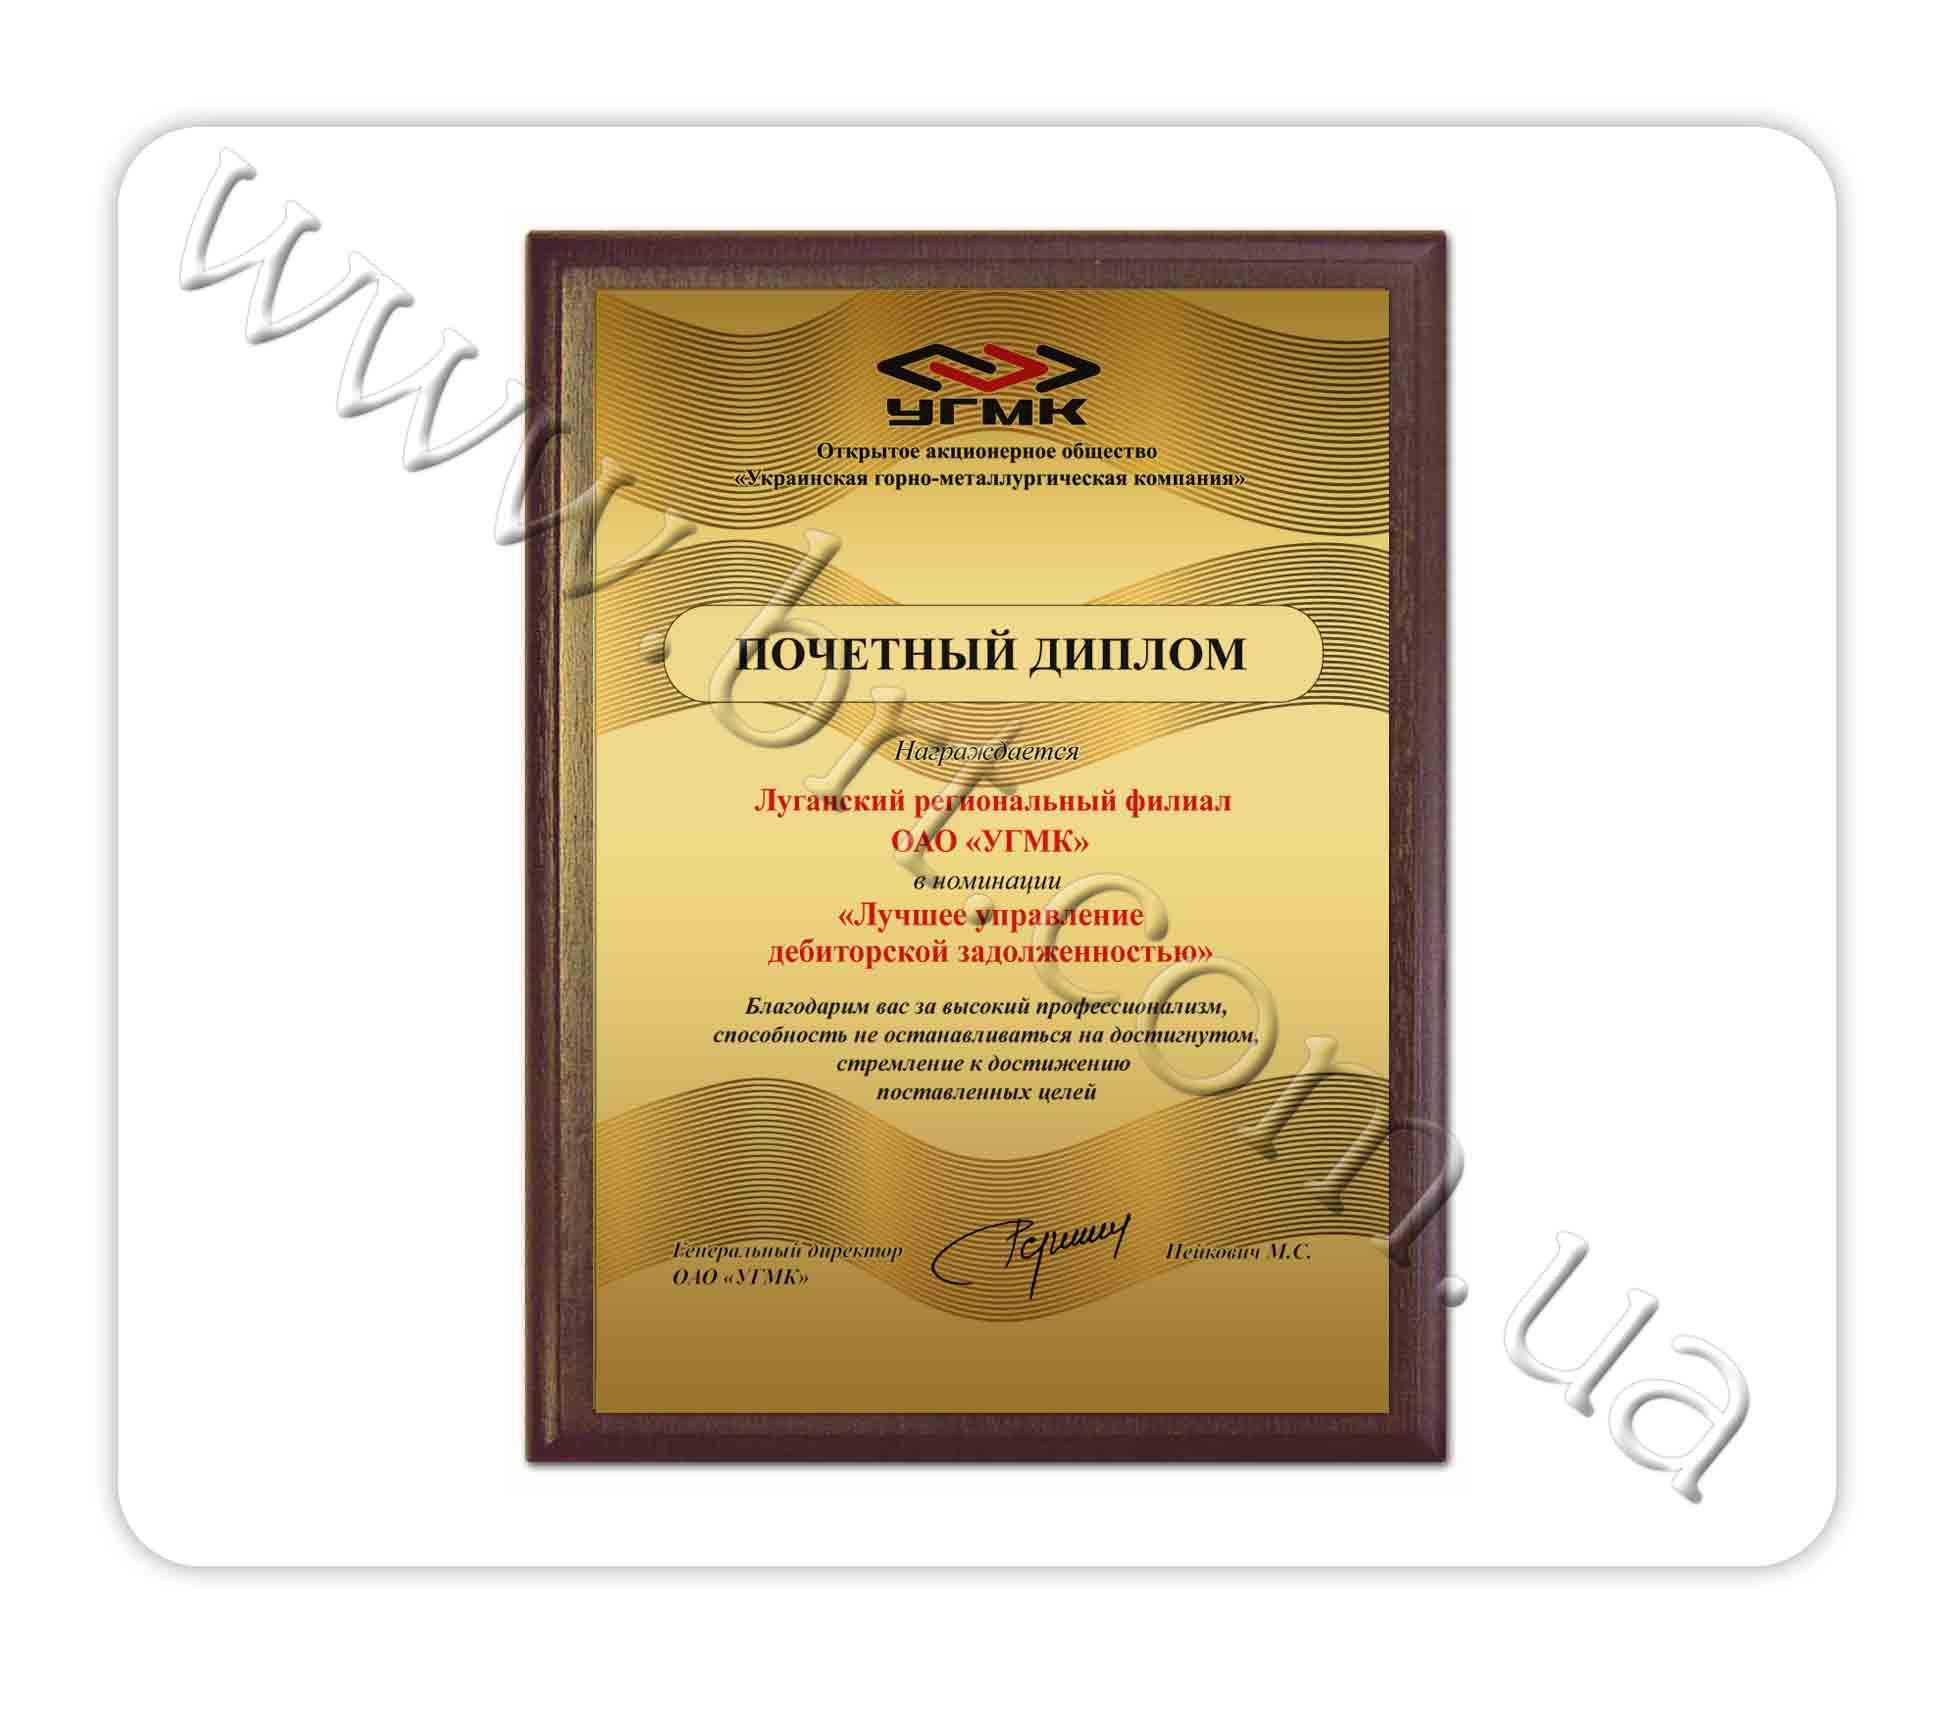 Почетные дипломы для УГМК печать на металле Бюро рекламных  почетный диплом для украинской горно металлургической компании угмк печать на металле диплом